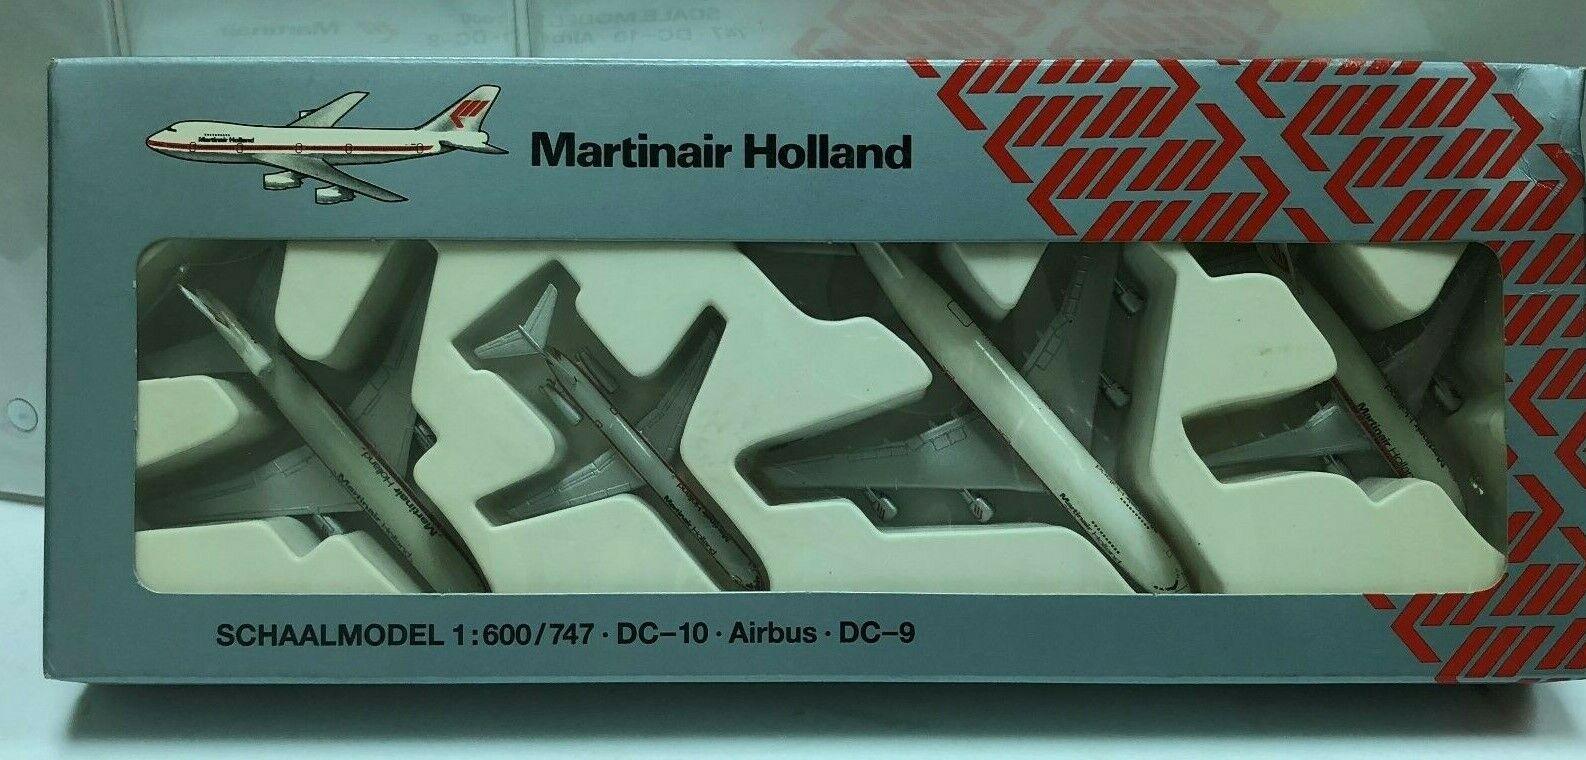 Martinair Holland, 747,DC 747,DC 747,DC 10, Airbus,DC9, 1 600 65aa1c